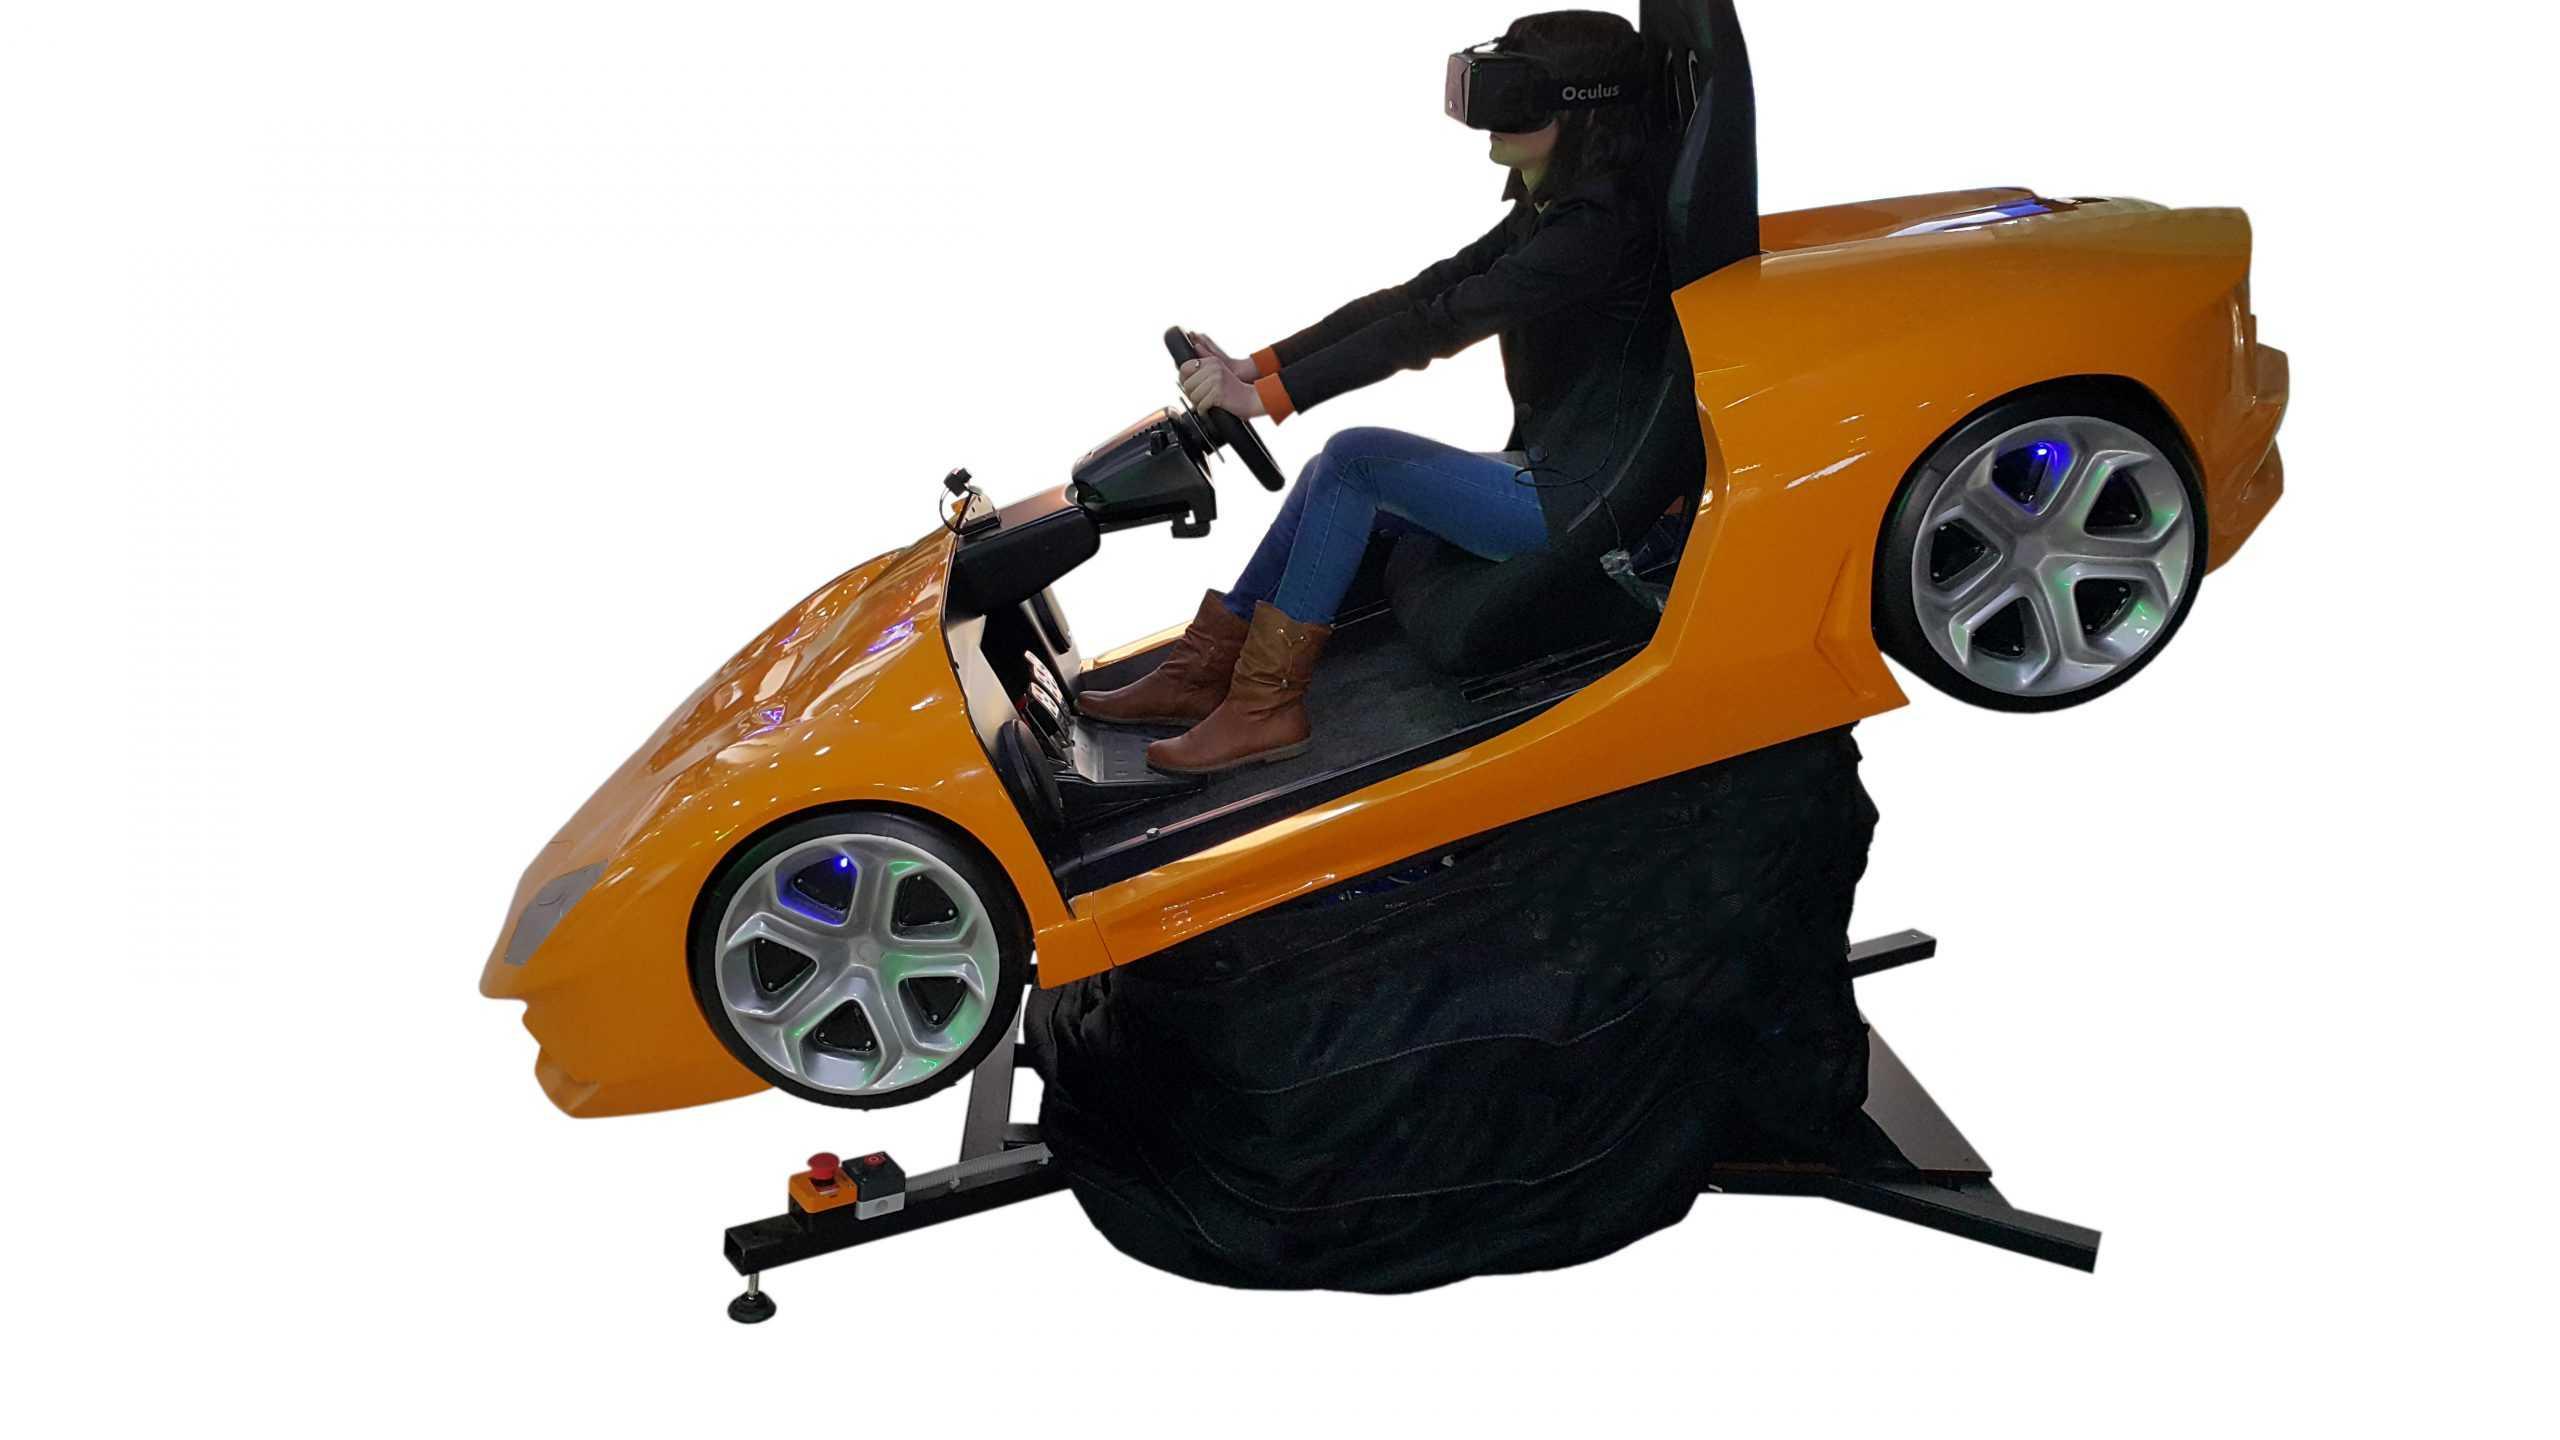 Lambo_3 Full motion racing simulator 2dof, 3dof,4dof,6dof motion platform